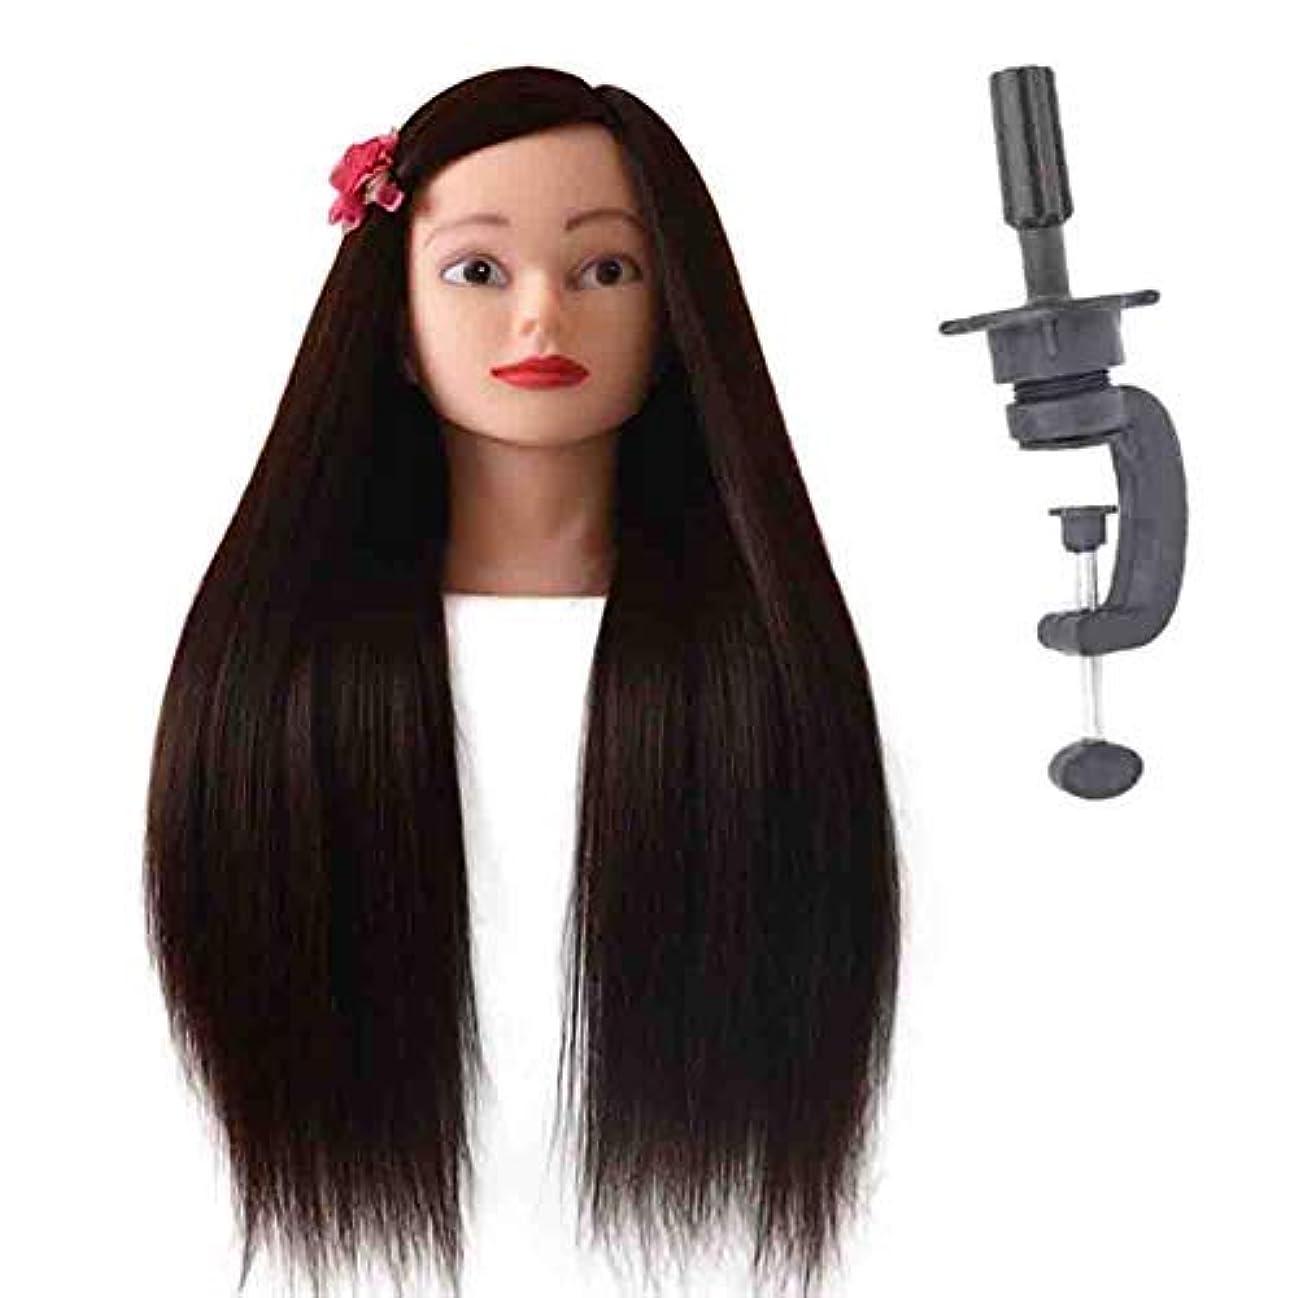 主張する不純ファックストウモロコシホットシミュレーションヘアメイクヘアプレートヘアダミー練習ヘッド金型理髪店初心者トリムヘアトレーニングヘッド